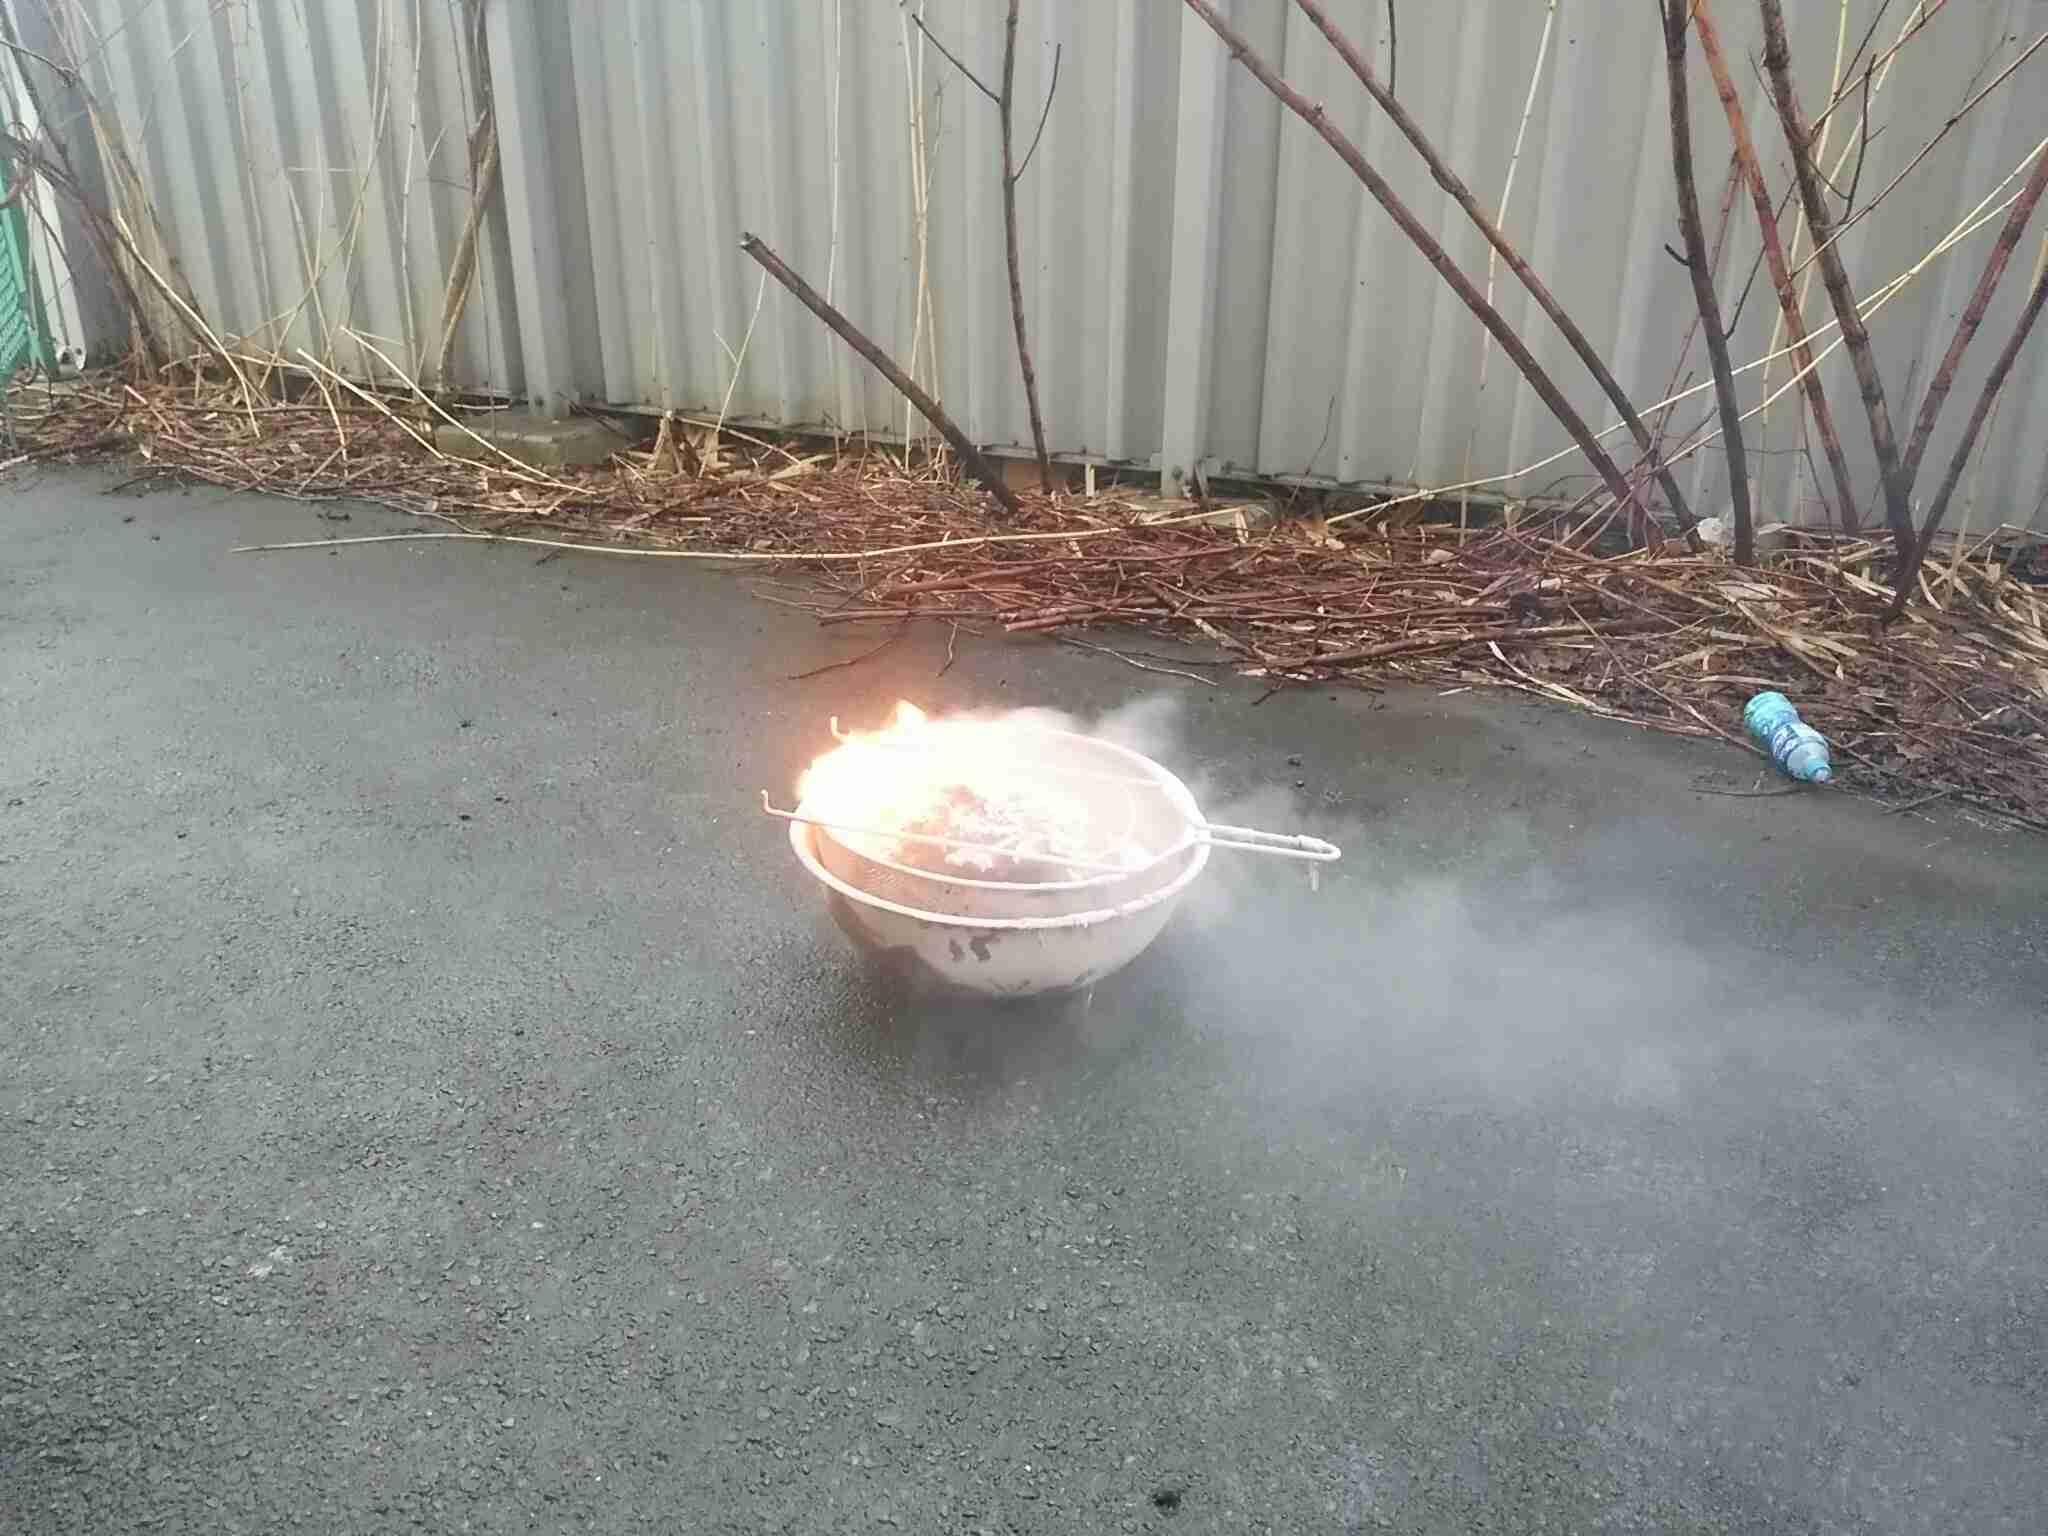 うどん店全焼、天かす自然発火か 消防「保管に注意を」